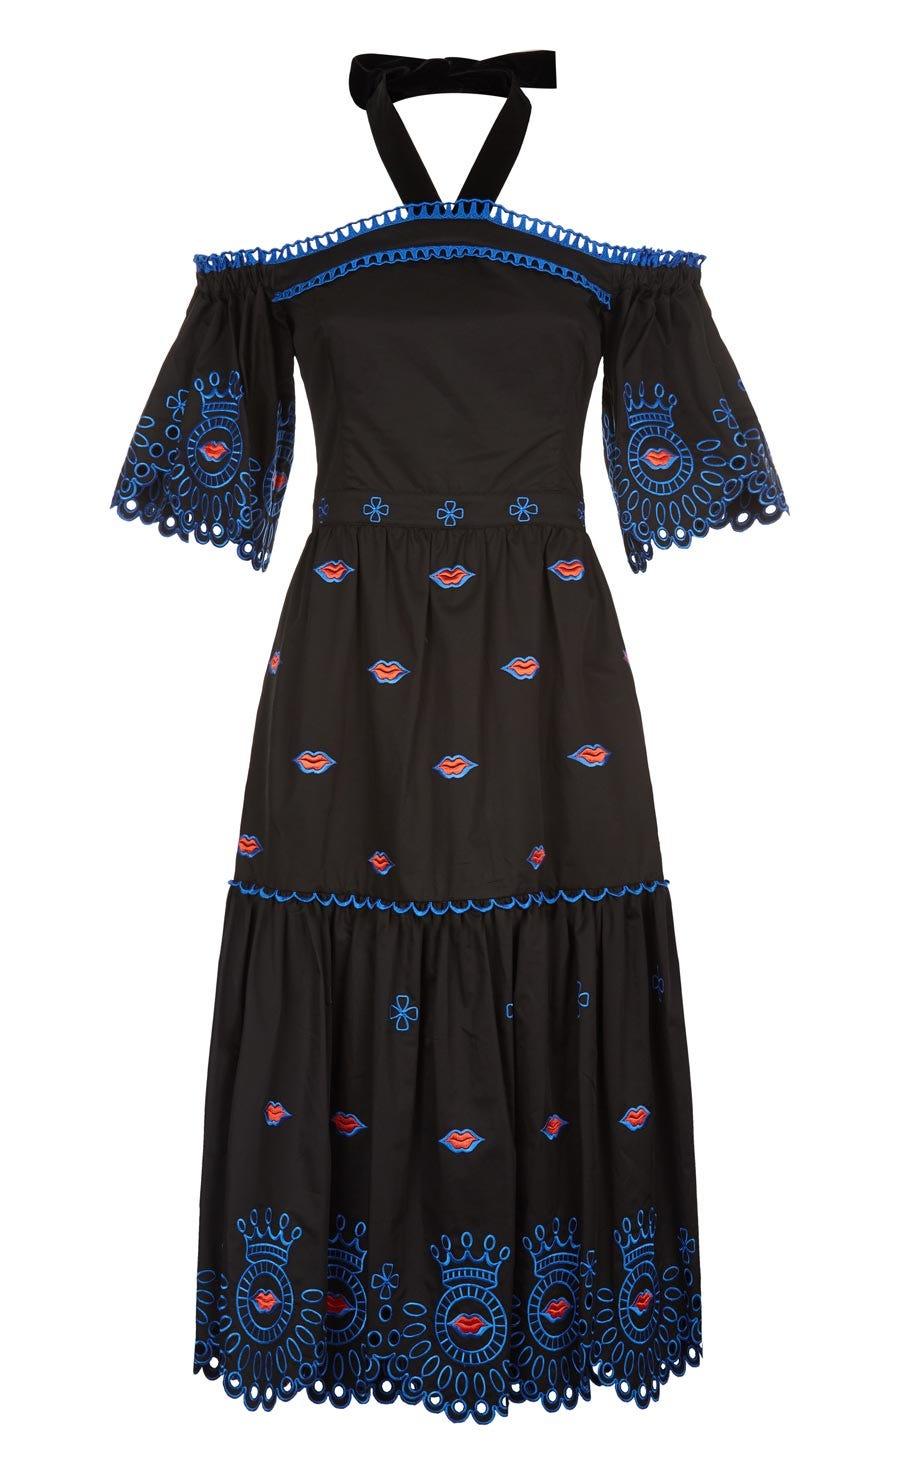 Calligraphy Off Shoulder Dress, Black Mix